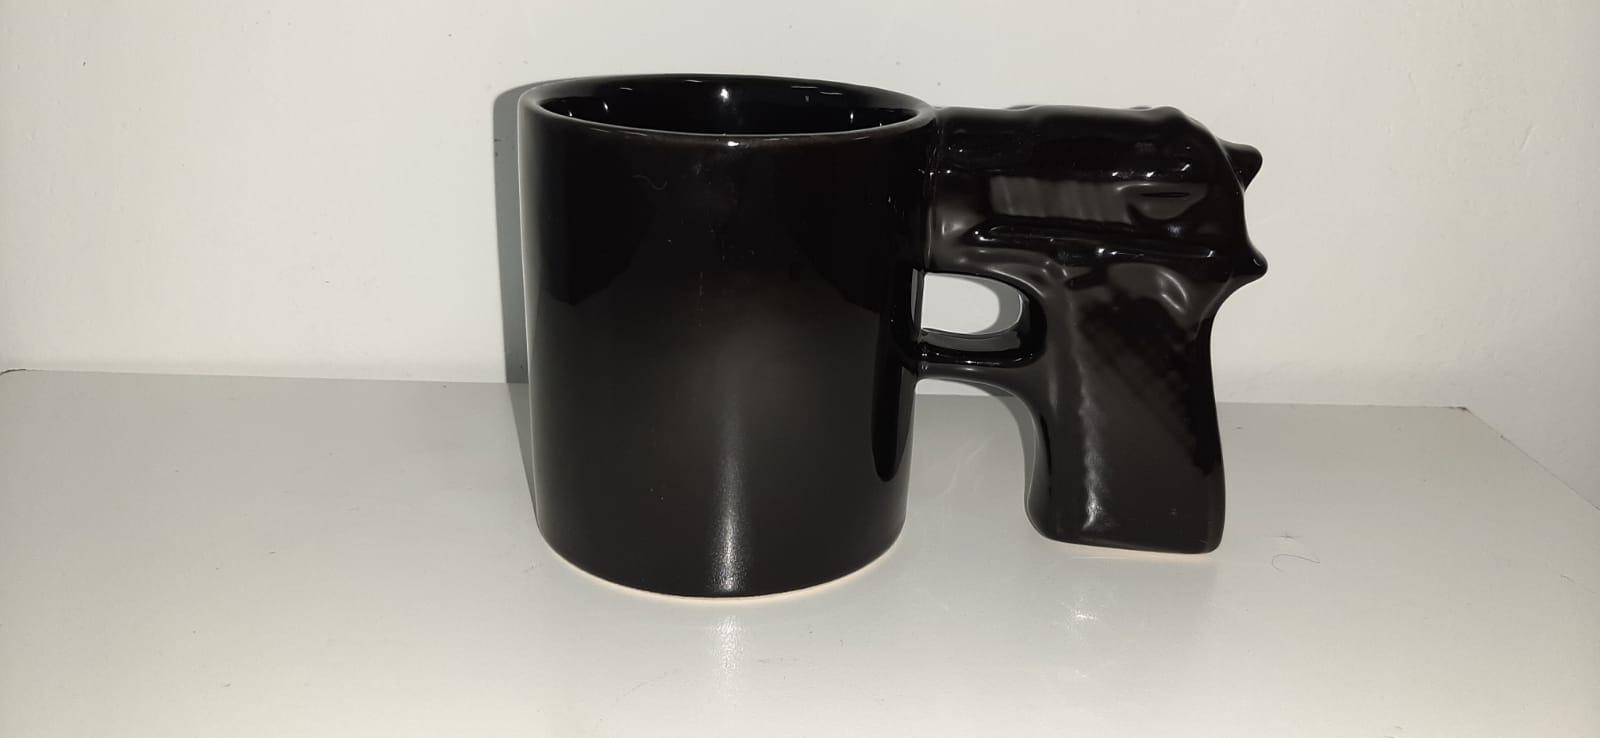 Caneca 3D Pistola (Arma Quadrada) (Pequenos Detalhes Na Cerâmica) (Preto)